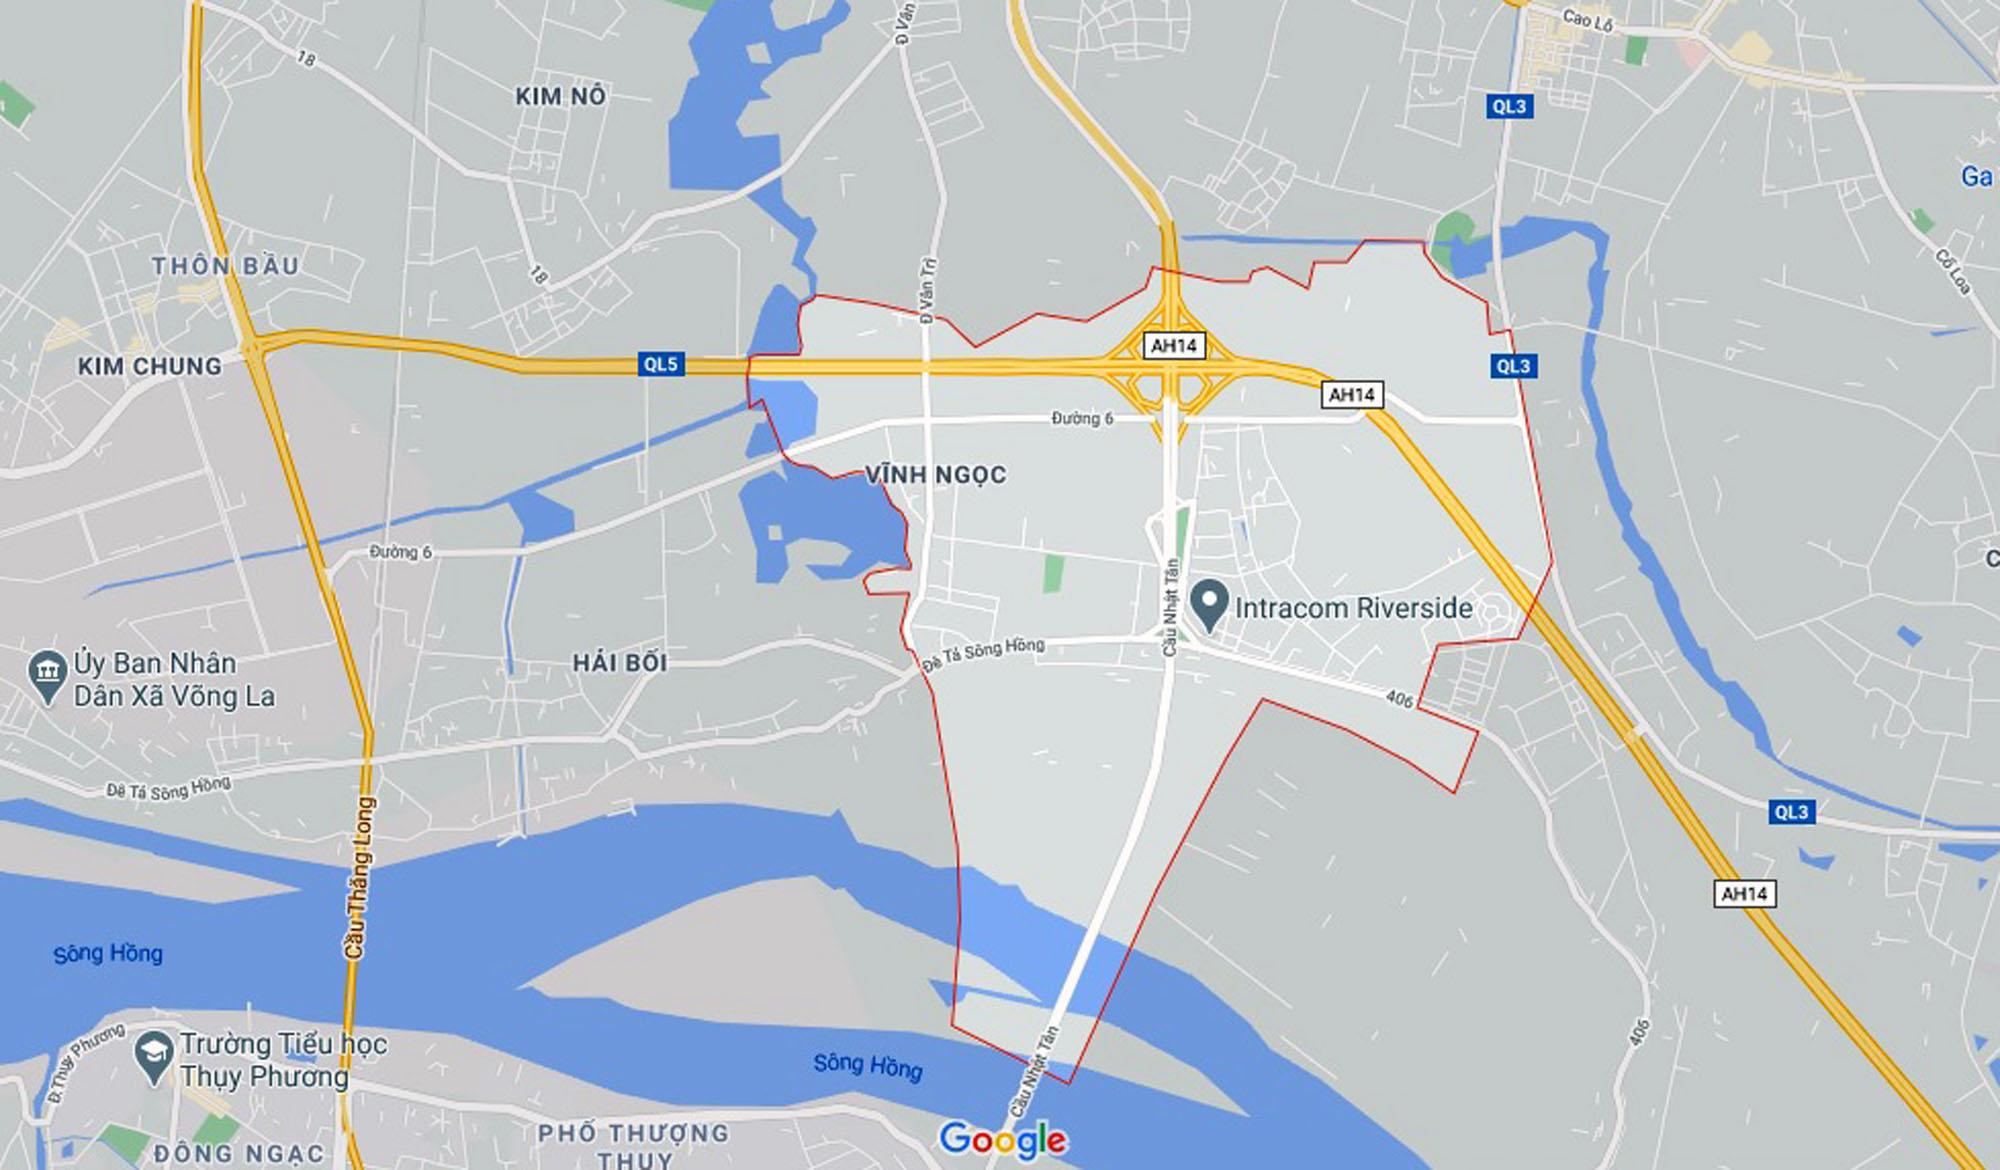 Đường sẽ mở theo quy hoạch ở xã Vĩnh Ngọc, Đông Anh, Hà Nội (phần 3) - Ảnh 1.